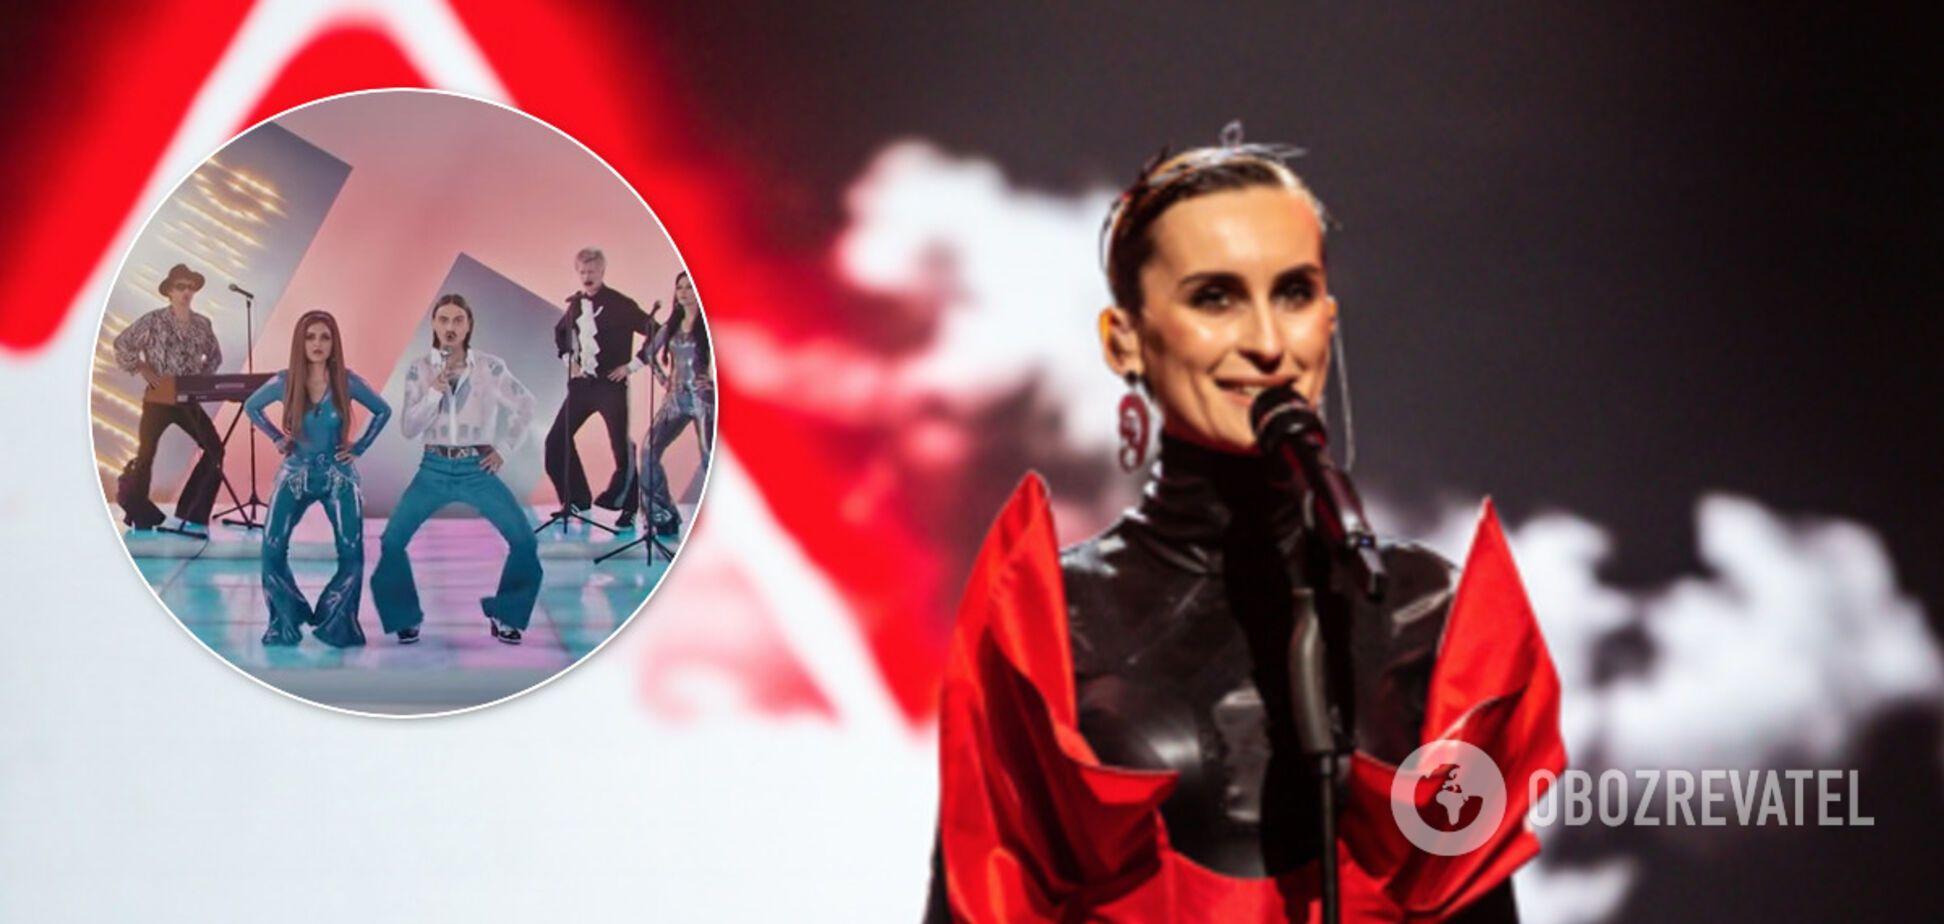 На Евровидении запретили петь 'Соловей' и Uno: организаторы приняли жесткое решение по конкурсу